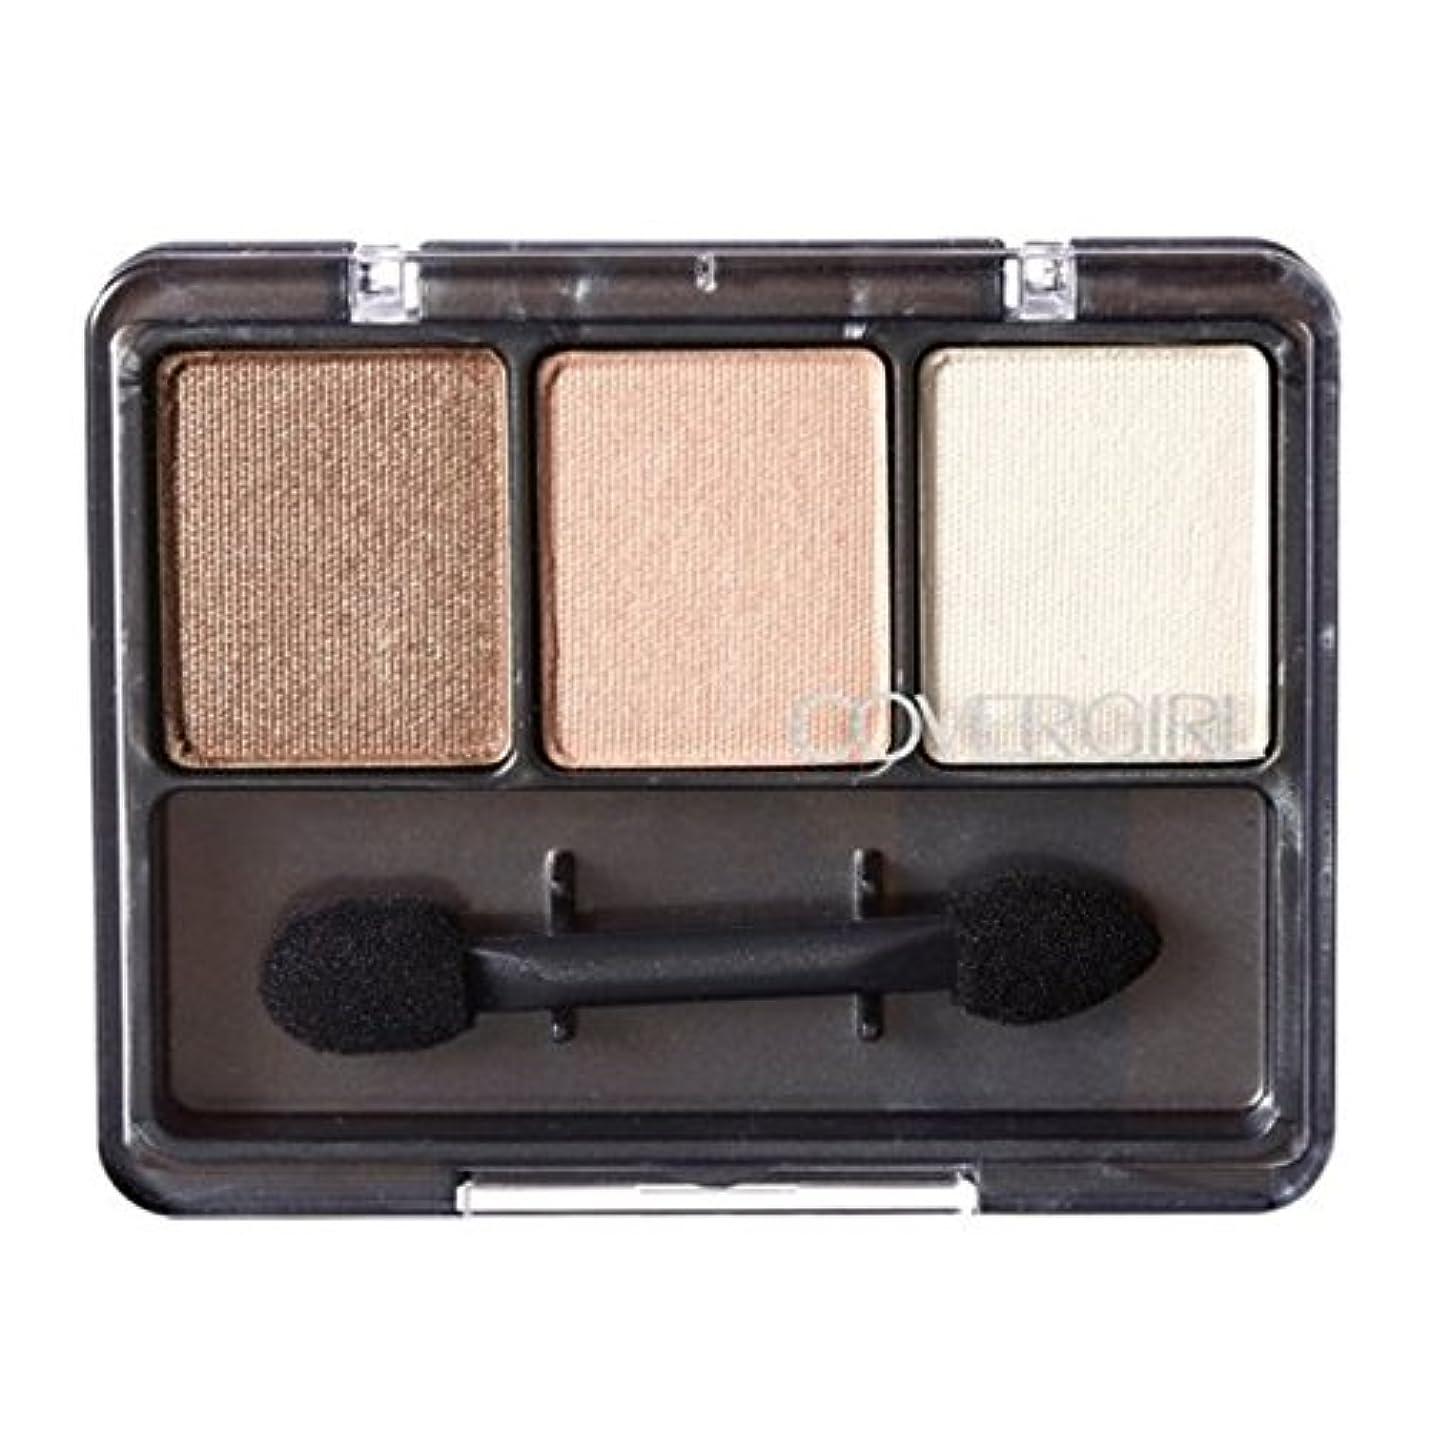 ハプニング障害アルミニウム(3 Pack) COVERGIRL Eye Enhancers 3-Kit Shadows - Cafe Au Lait 105 (並行輸入品)